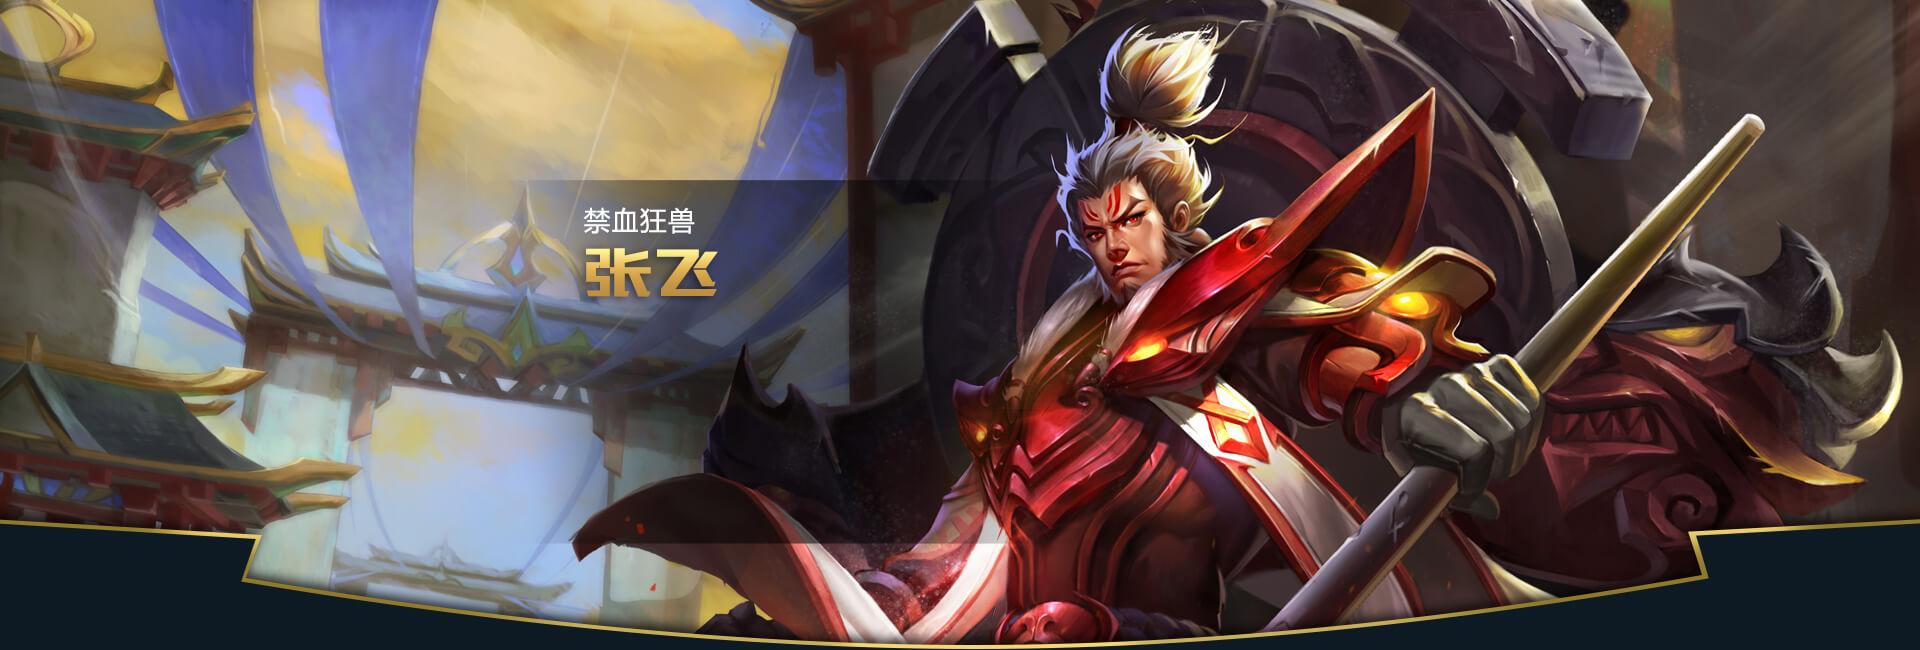 第2弹《王者荣耀英雄皮肤CG》竞技游戏113